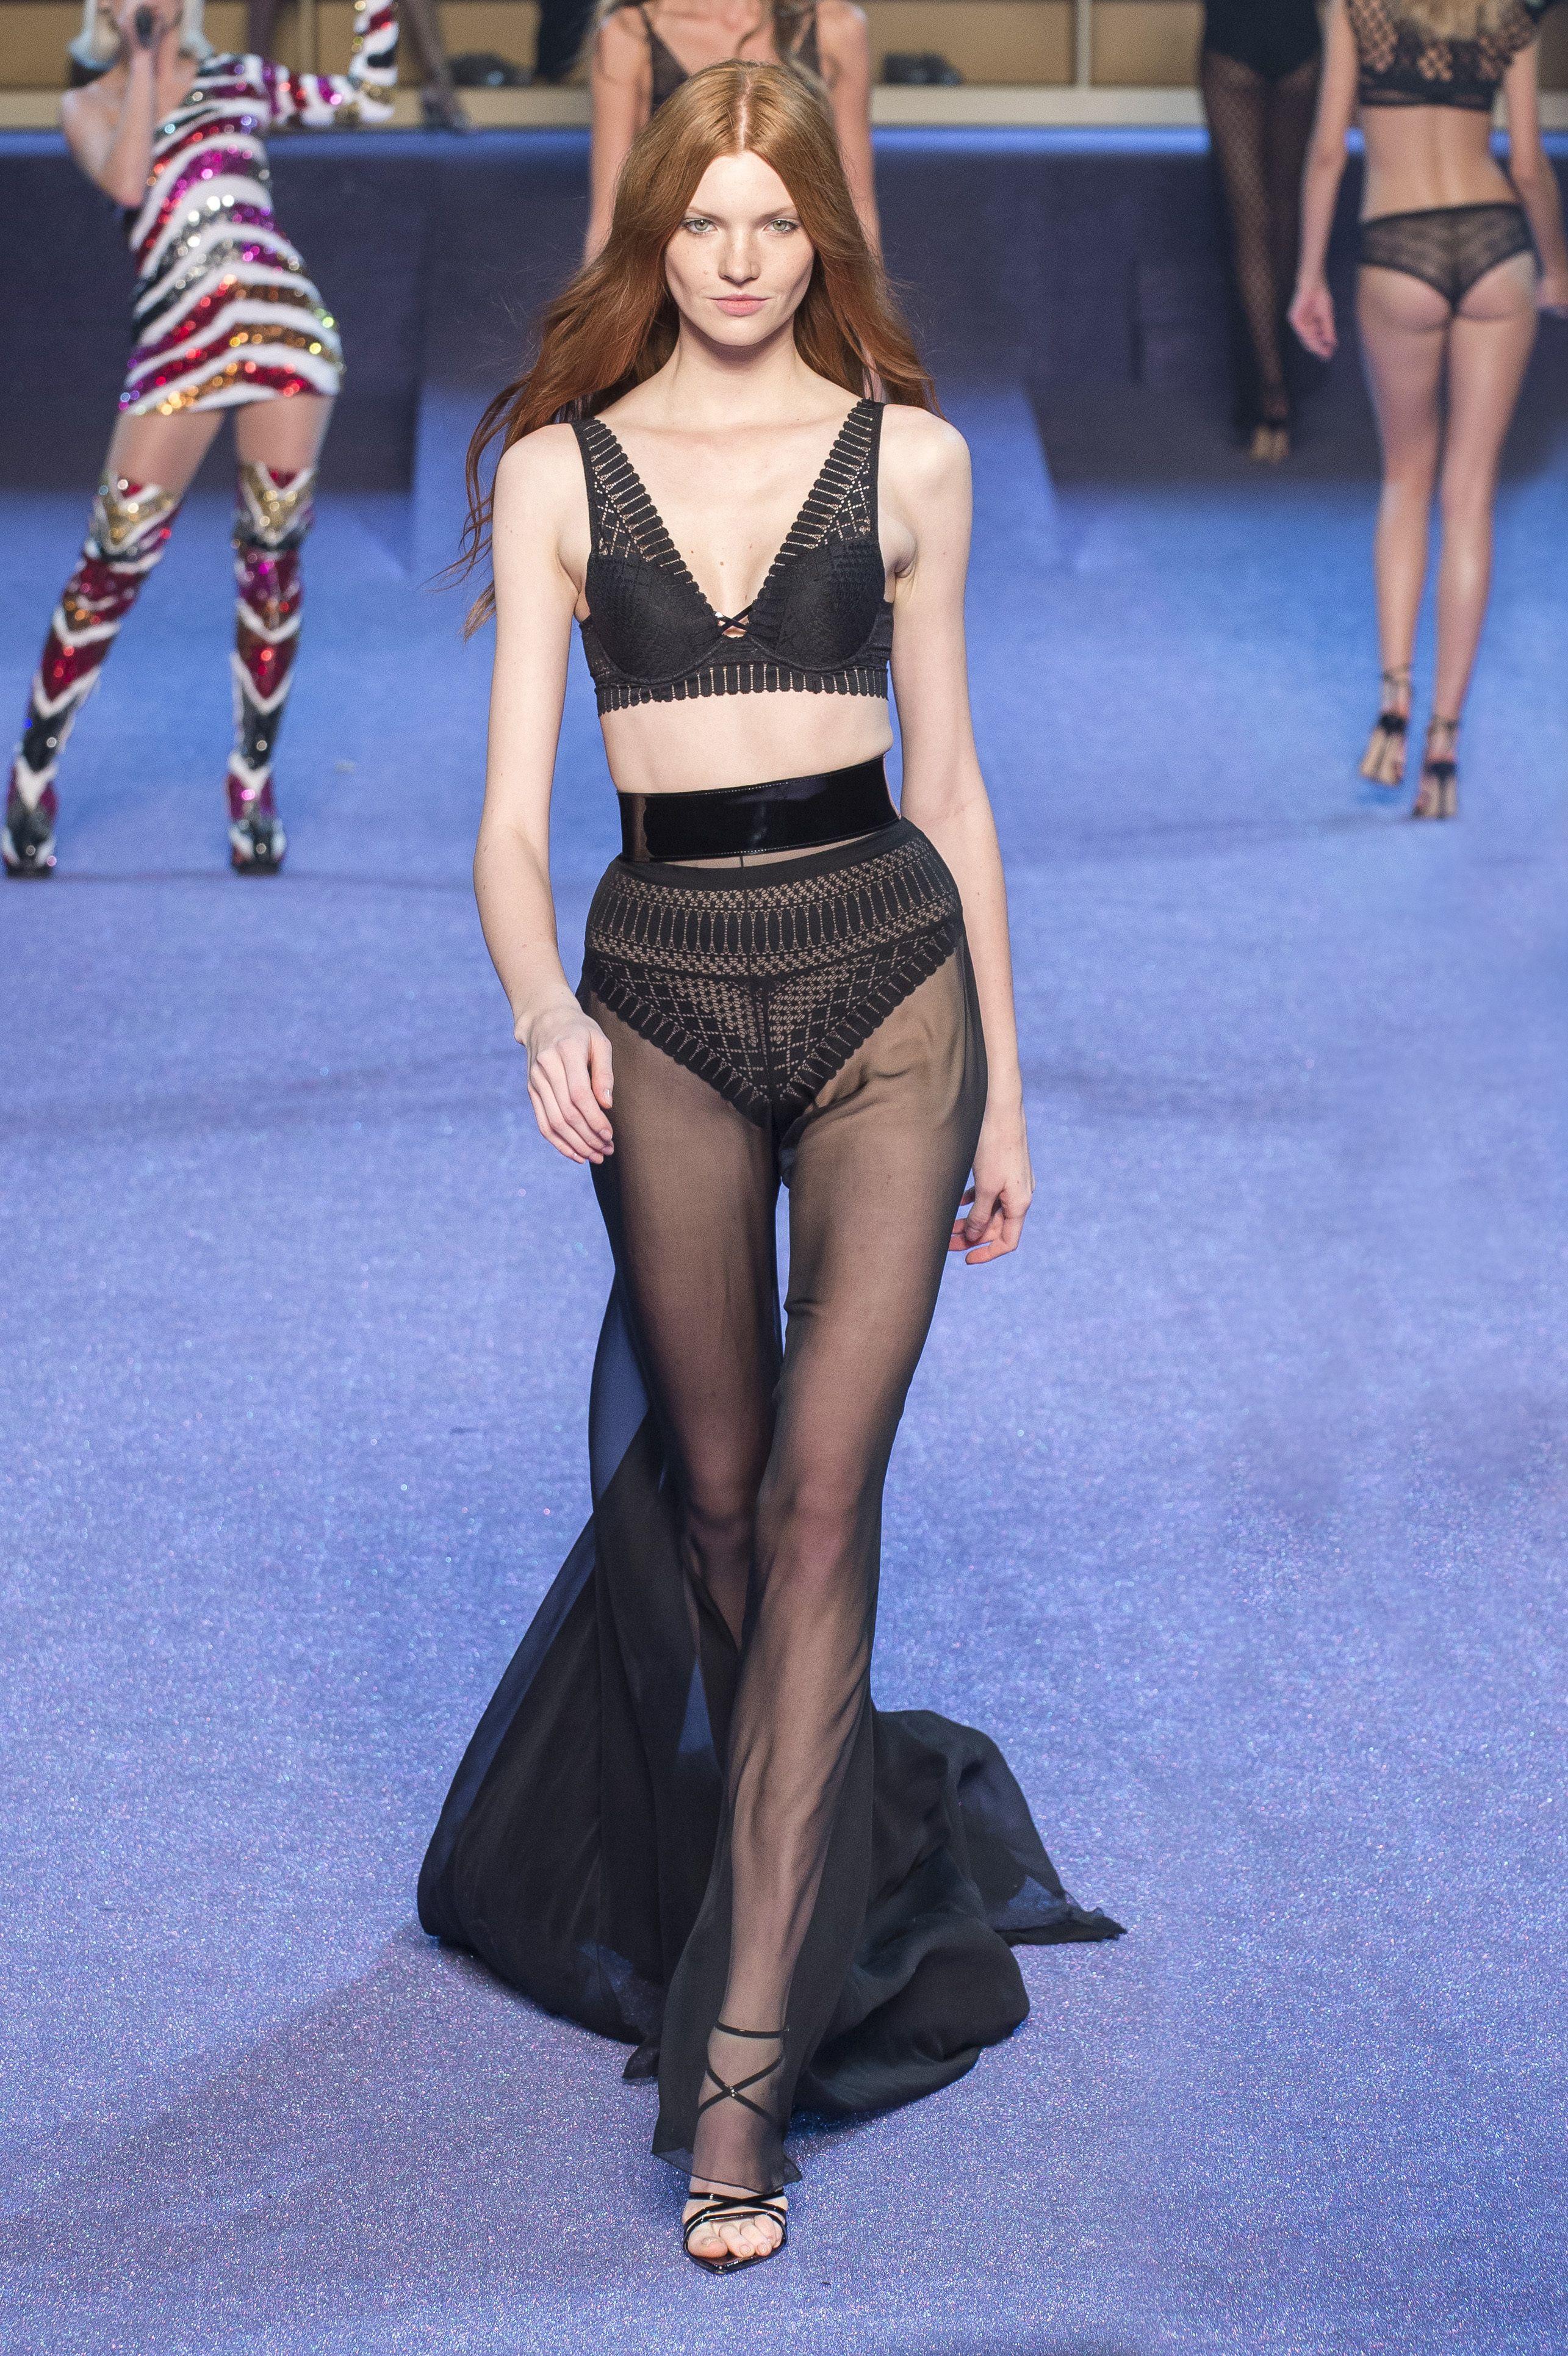 d9adad3fc0 Défilé Etam Lingerie Prêt-à-porter printemps-été 2019 Femme Womenswear Etam  Lingerie SS19 Paris Fashion Week